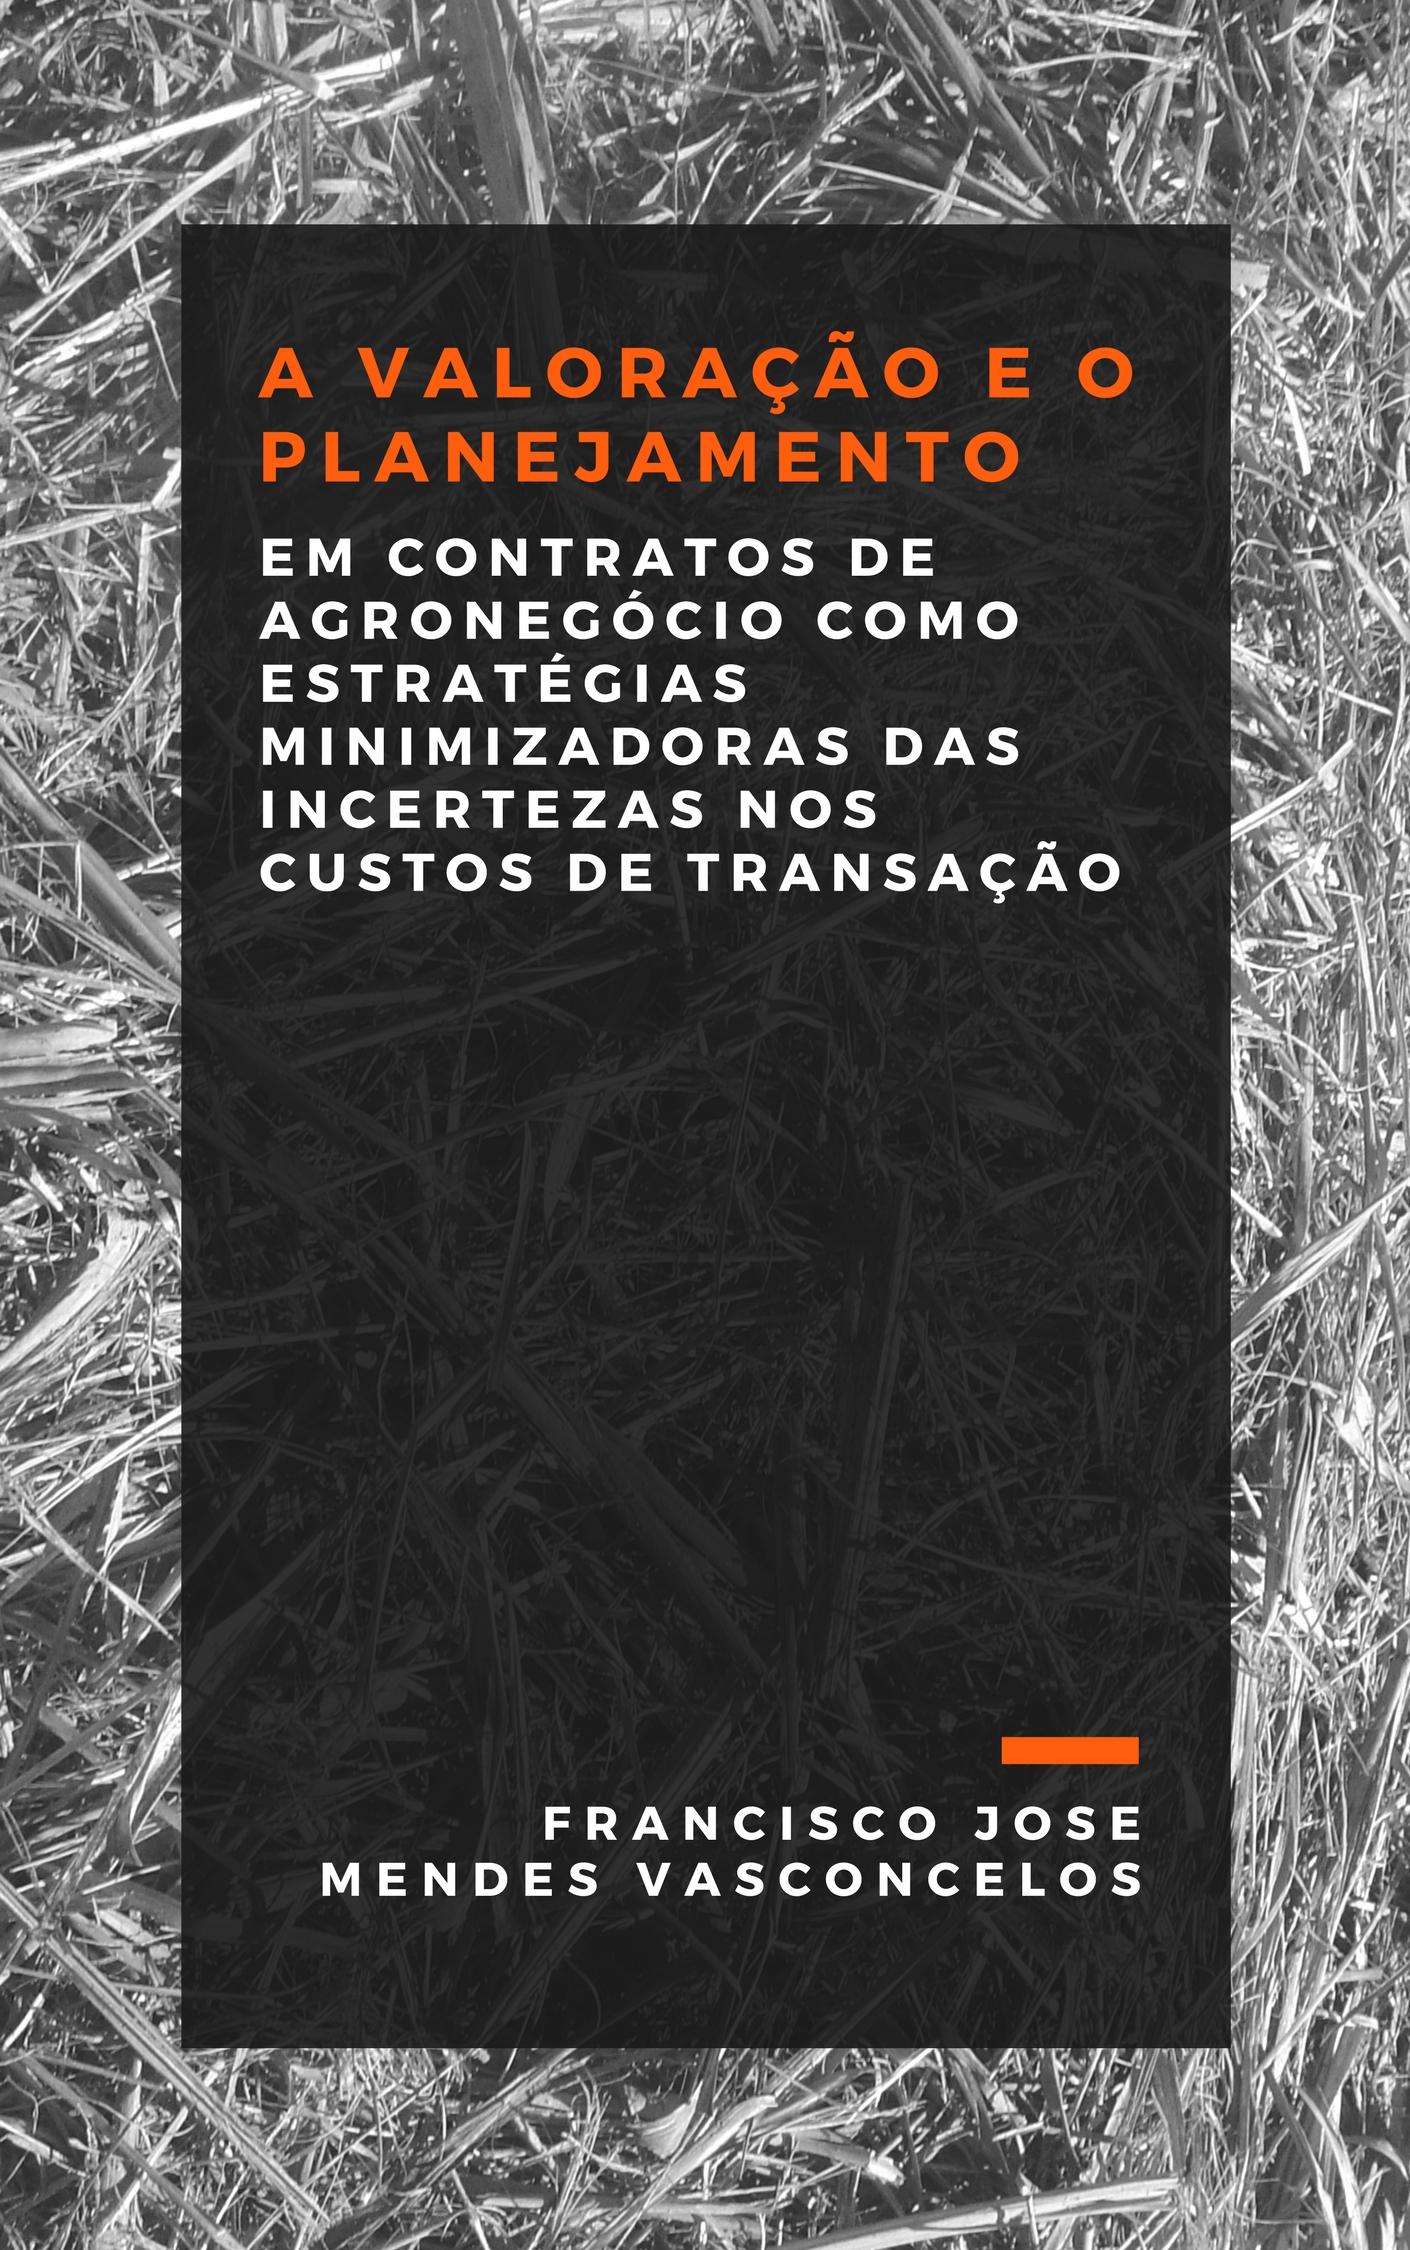 Capa do ebook A VALORAÇÃO E O PLANEJAMENTO EM CONTRATOS DE AGRONEGÓCIO COMO ESTRATÉGIAS MINIMIZADORAS DAS INCERTEZAS NOS CUSTOS DE TRANSAÇÃO.